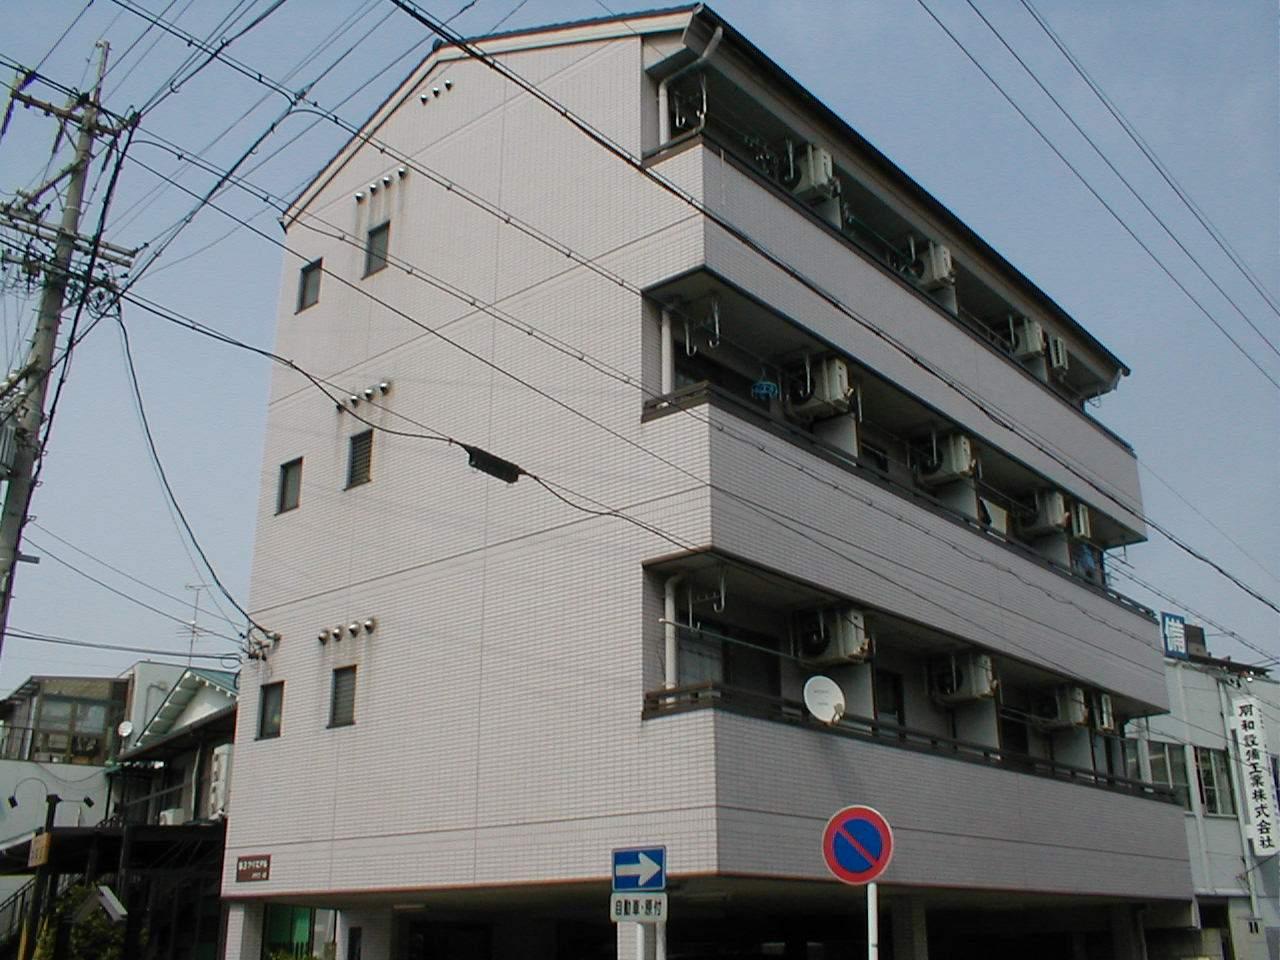 愛知県名古屋市北区、尼ヶ坂駅徒歩6分の築24年 4階建の賃貸アパート